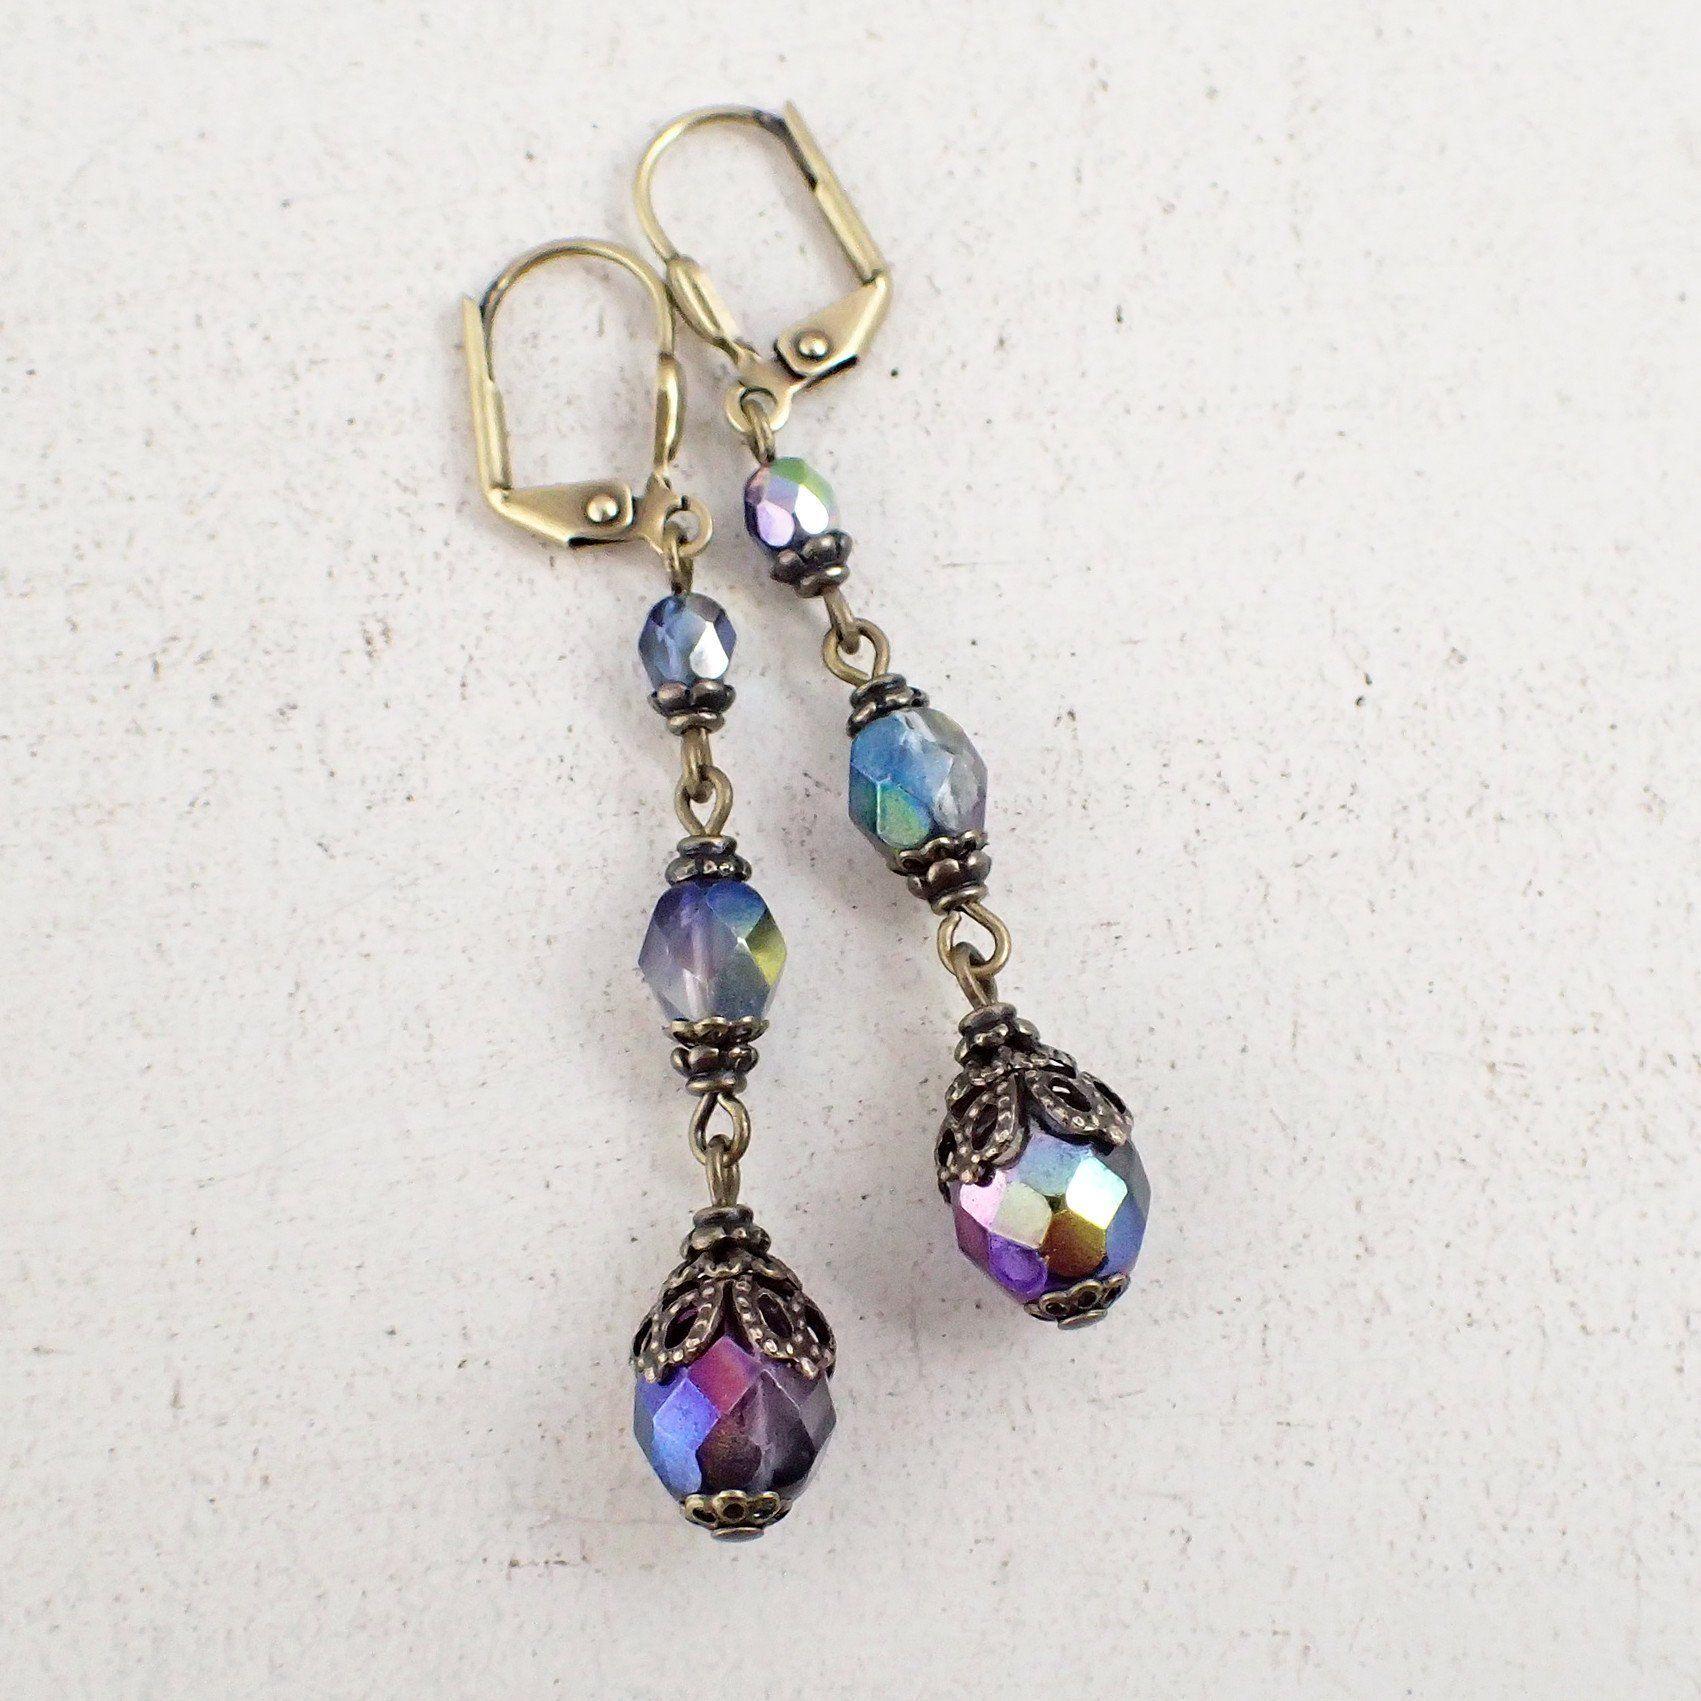 Details about  /SEA GLASS Teardrop Green Weave Wire Silver LEVERBACK Earrings USA HANDMADE